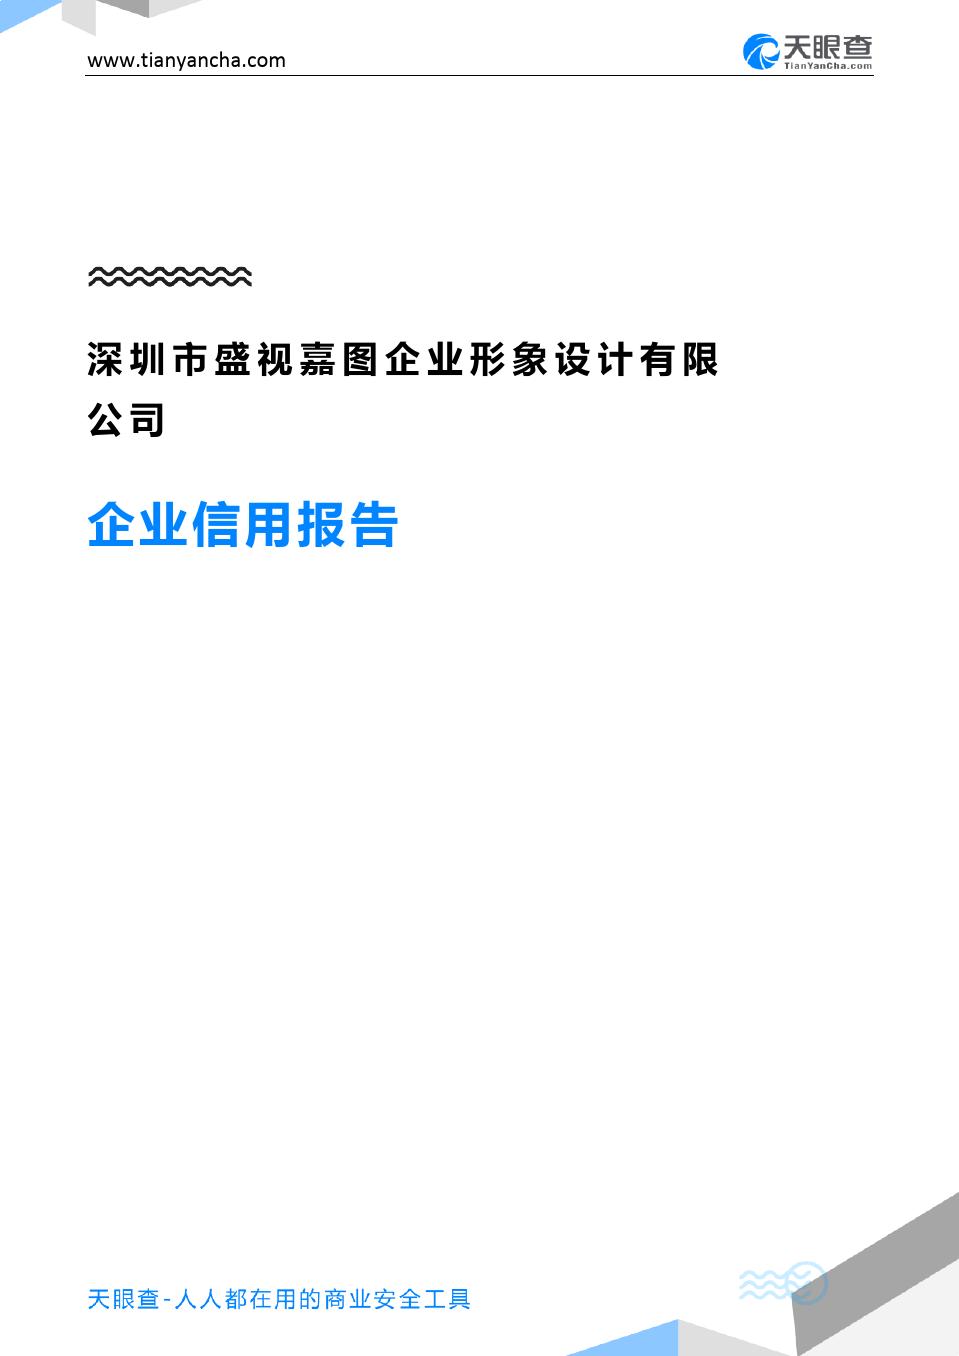 深圳市盛视嘉图企业形象设计有限公司(企业信用报告)- 天眼查